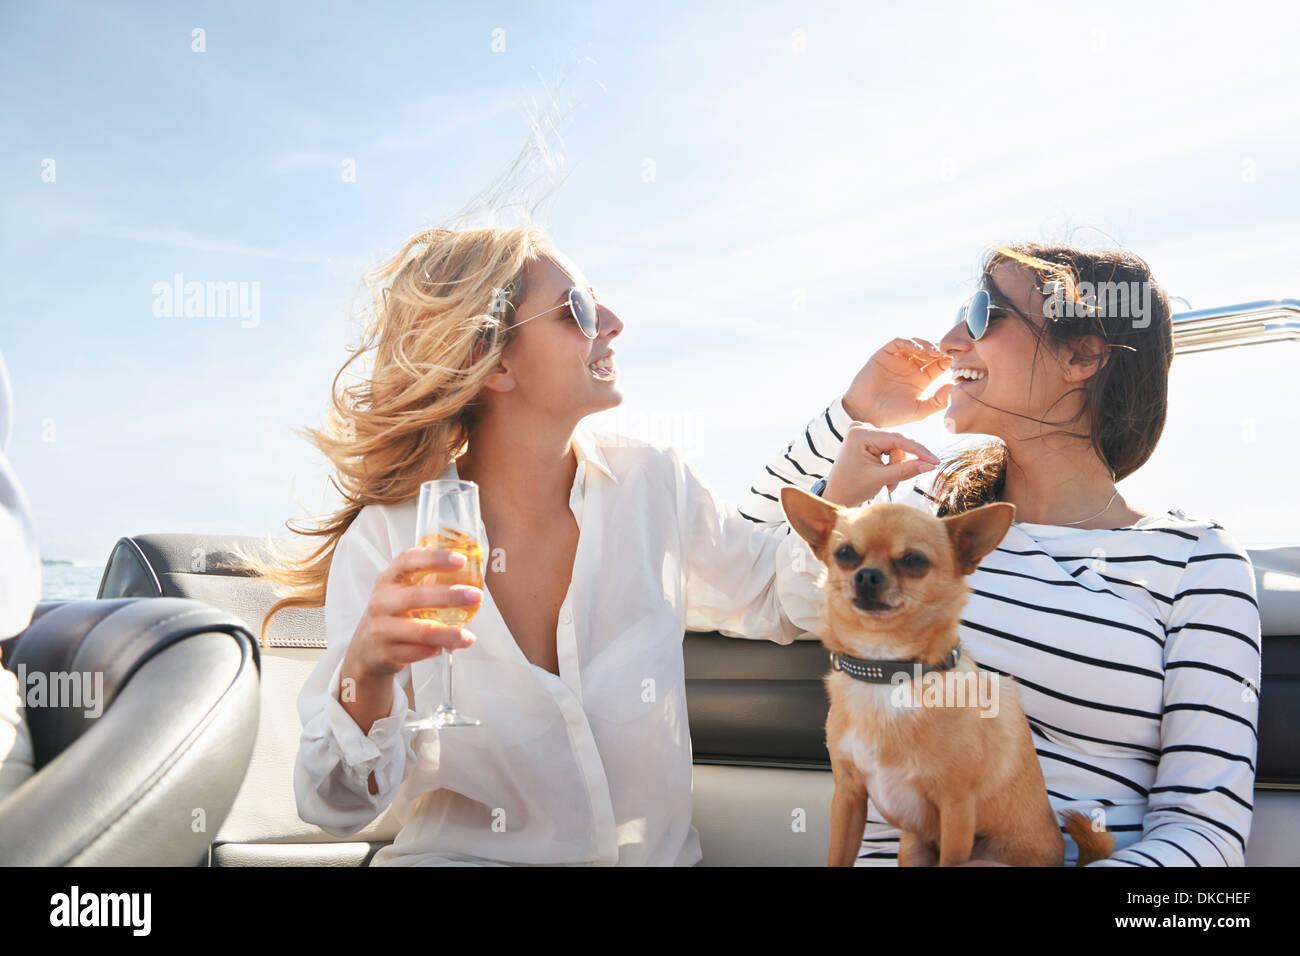 Les jeunes femmes sur le bateau avec du vin Photo Stock